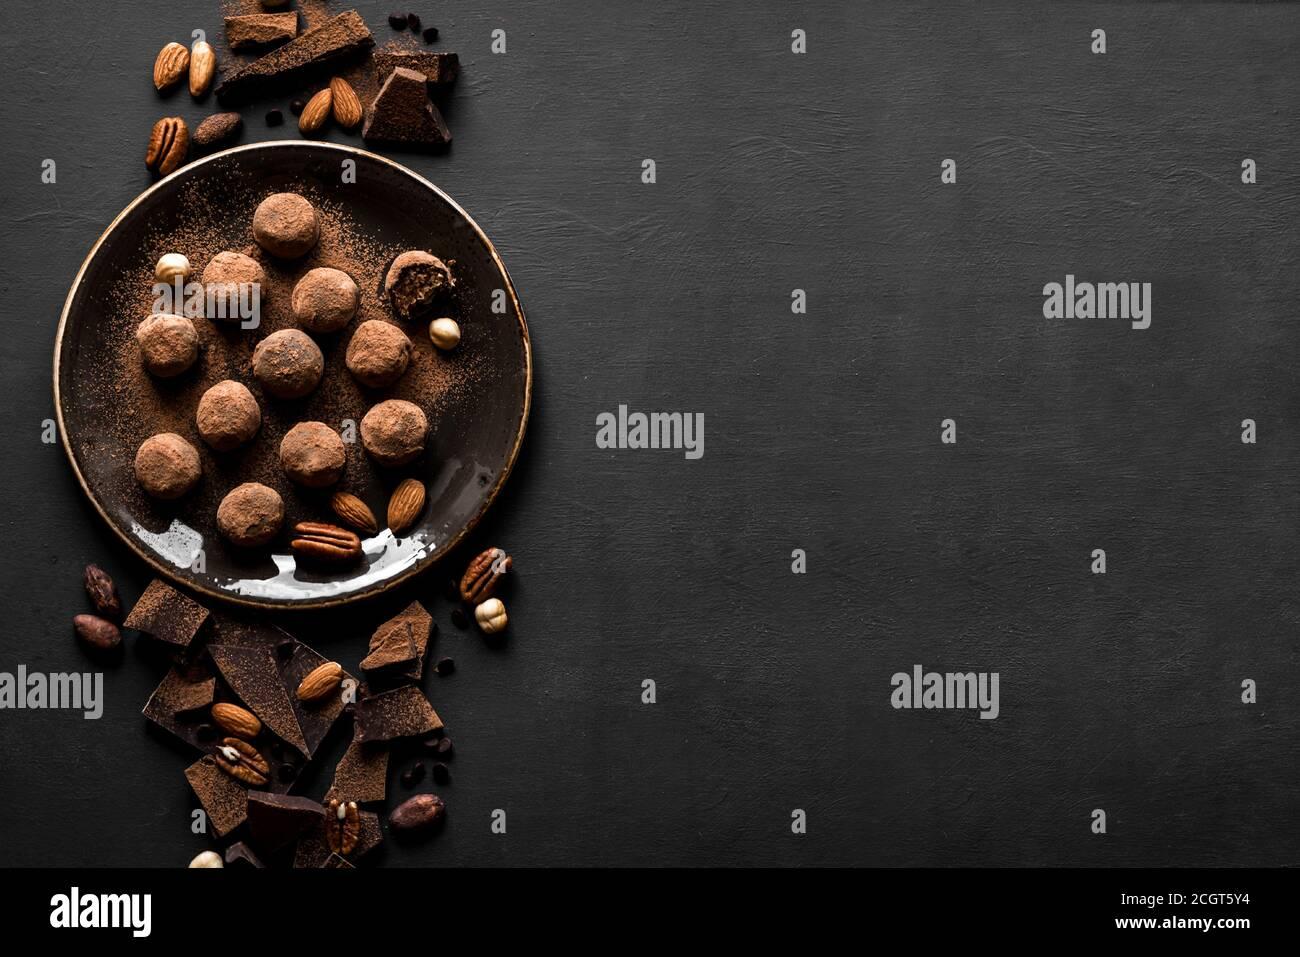 Trufas de chocolate con chocolate negro y nueces sobre fondo negro, vista superior, espacio de copia. Bolas de energía de chocolate caseras veganas o trufas para desse Foto de stock